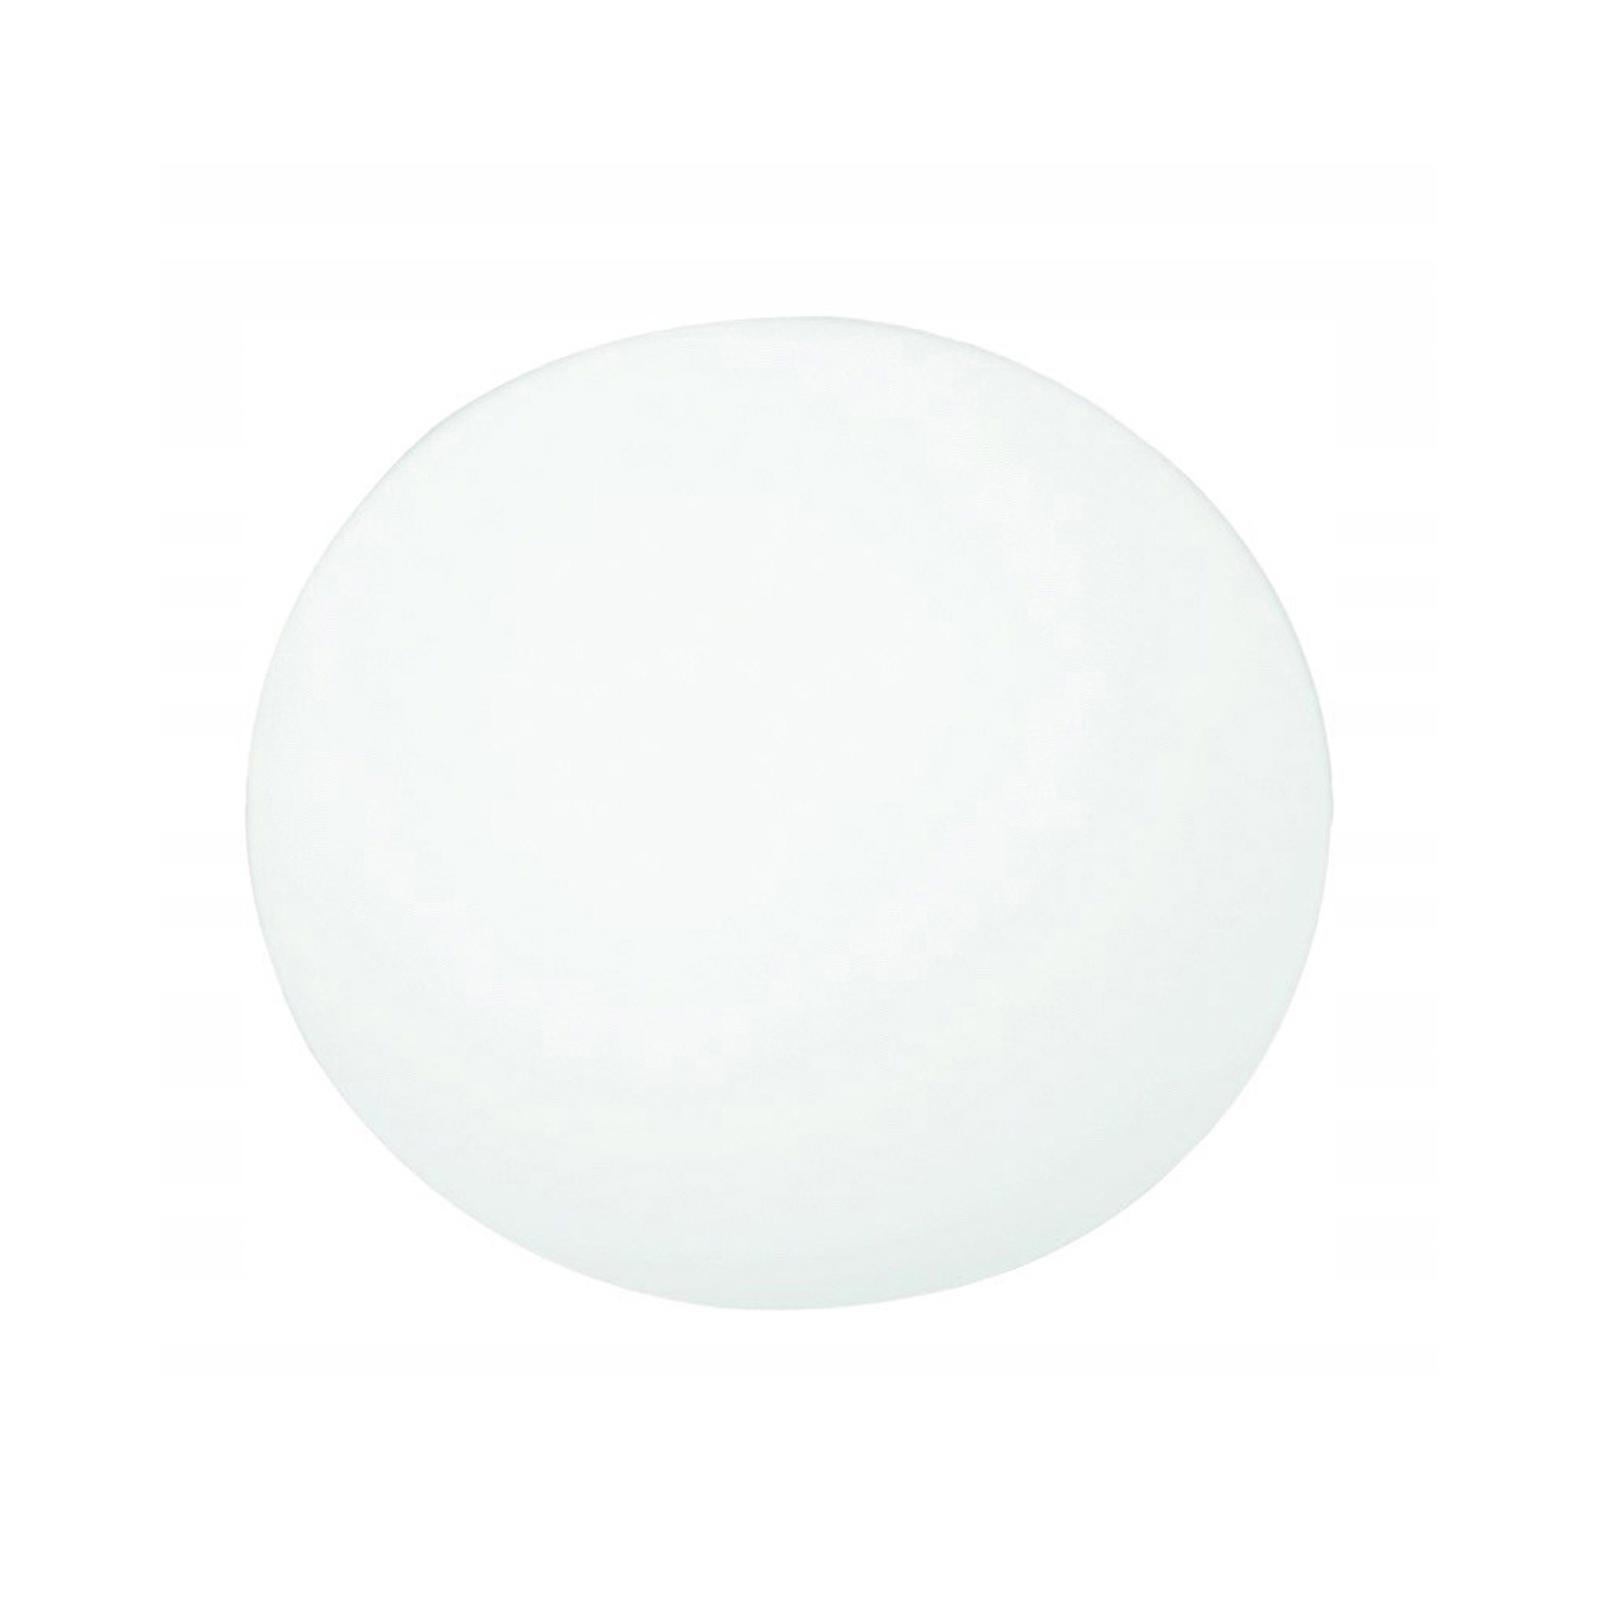 Koupelnové stropní světlo Twister, Ø 30cm, 2 x 40W